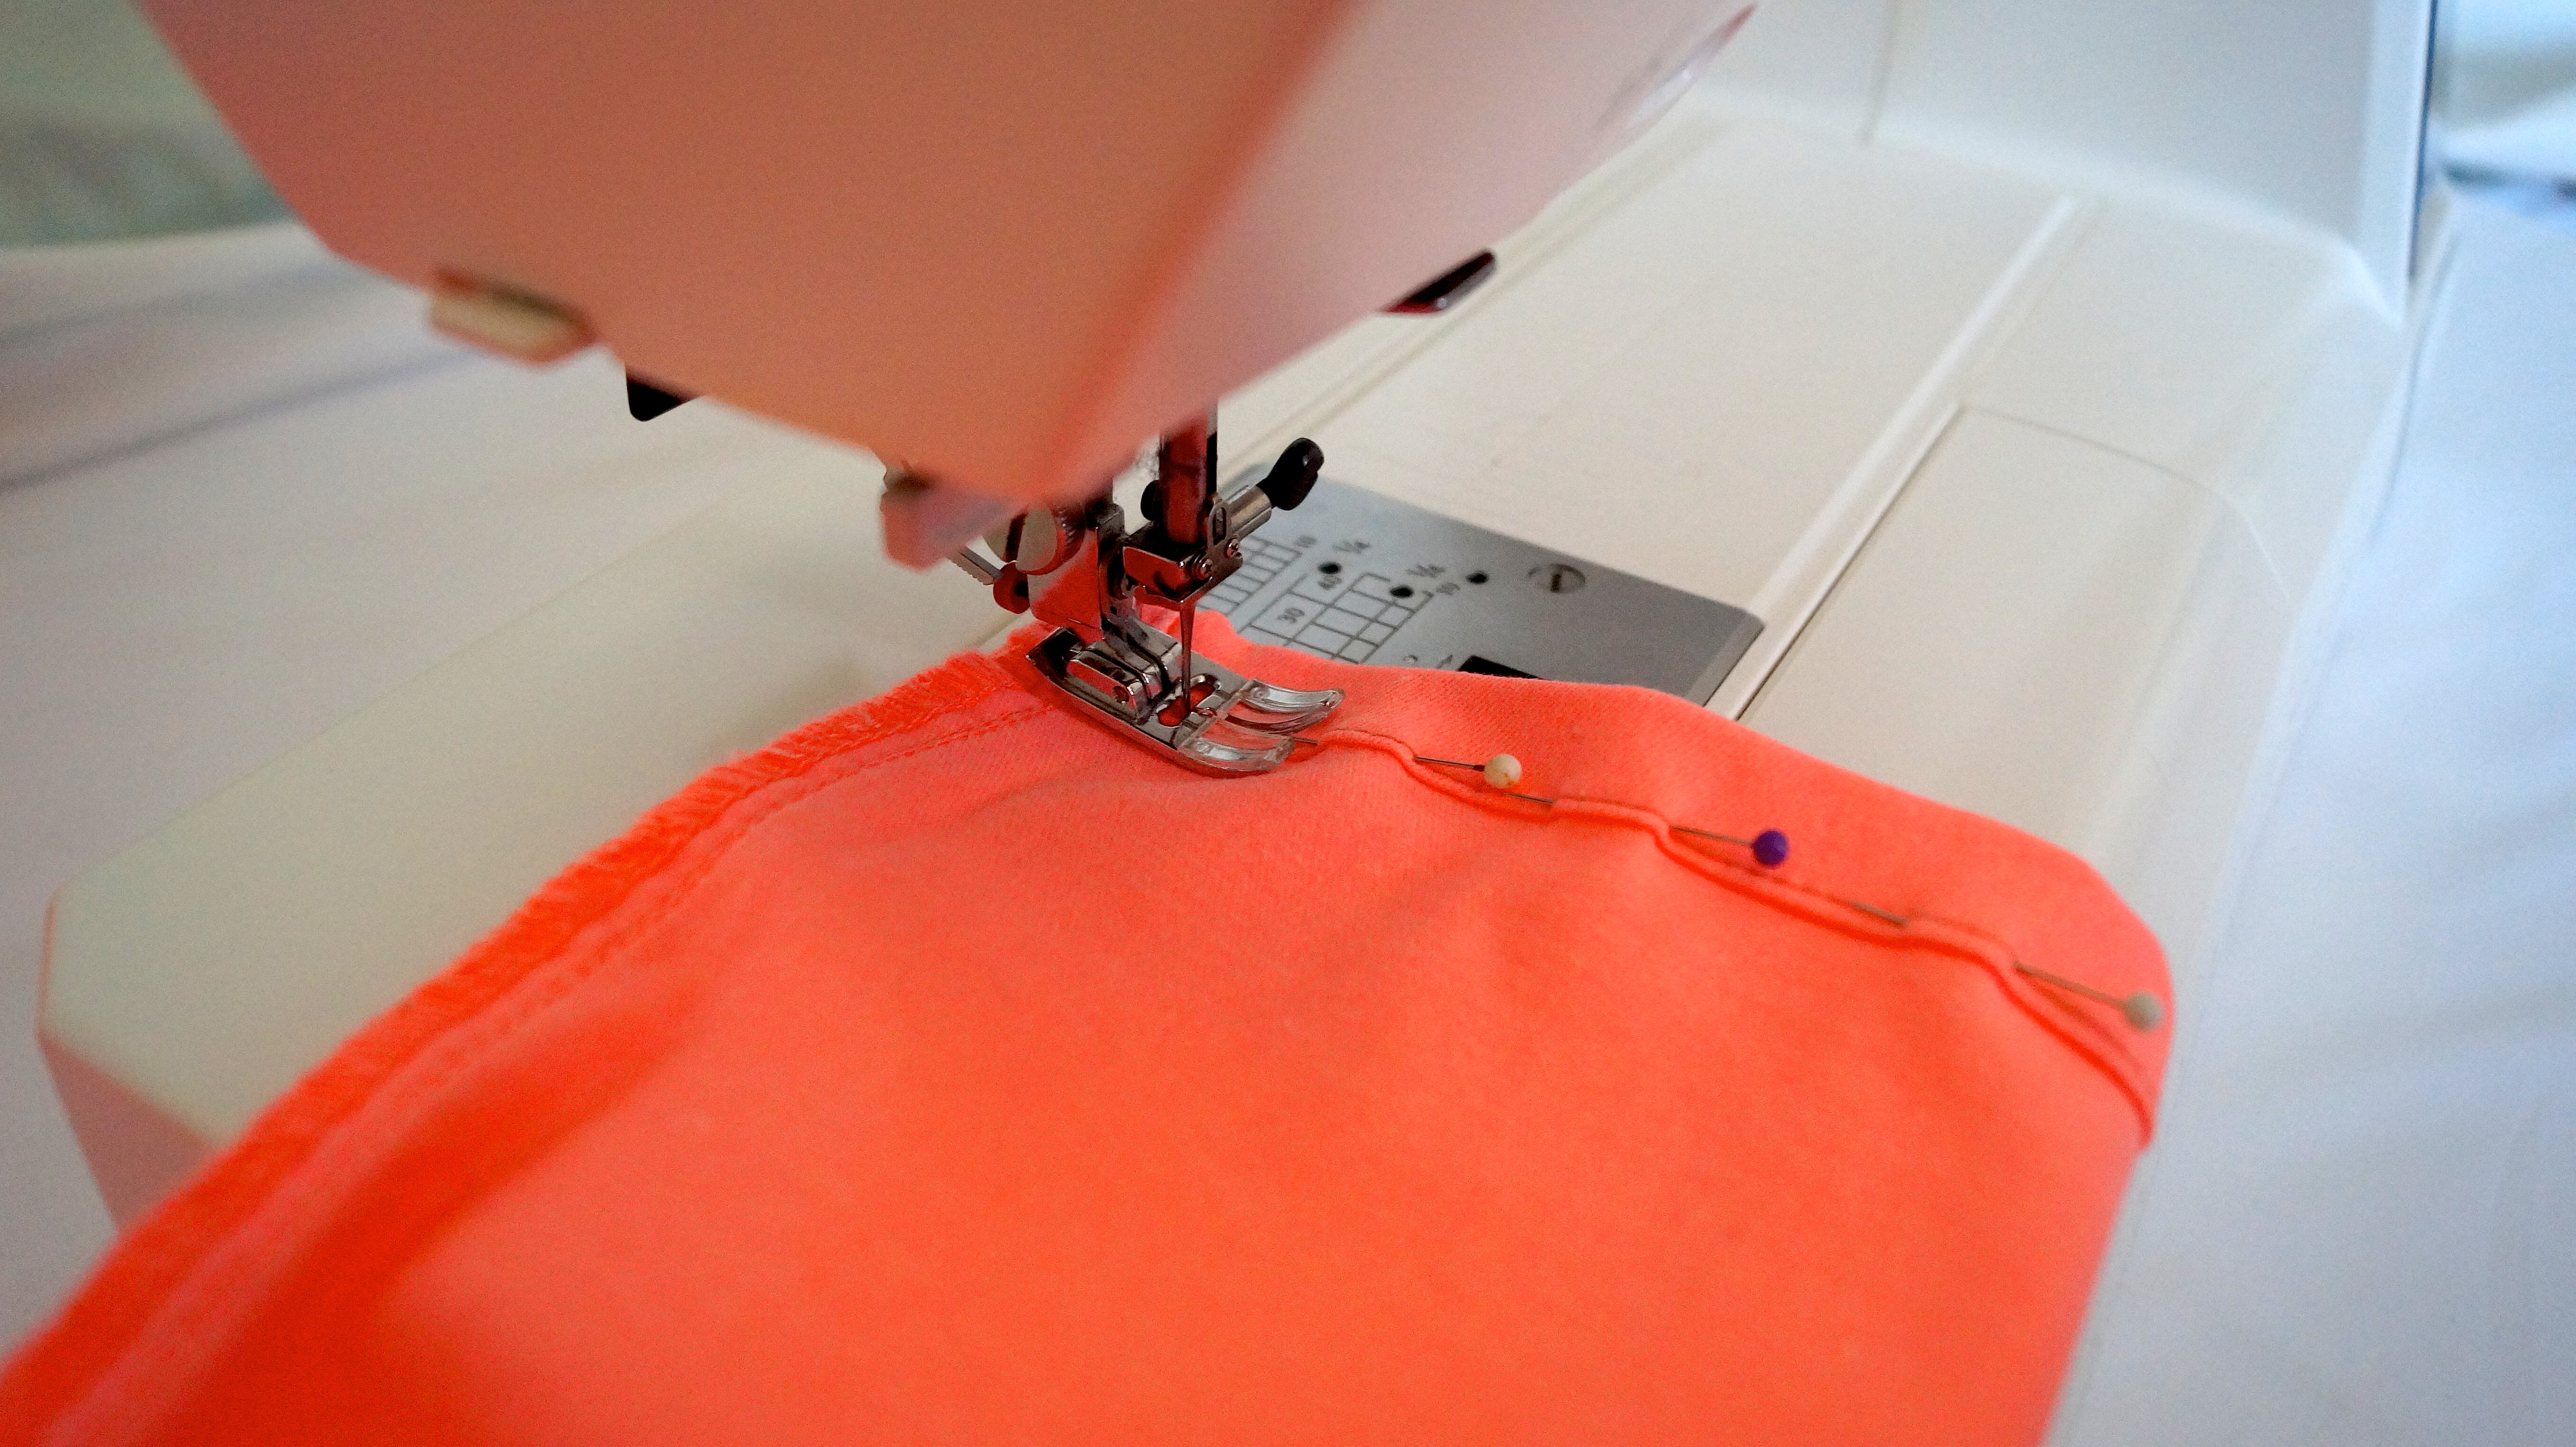 cours de couture gratuit apprendre coudre gratuitement kits couture patrons. Black Bedroom Furniture Sets. Home Design Ideas